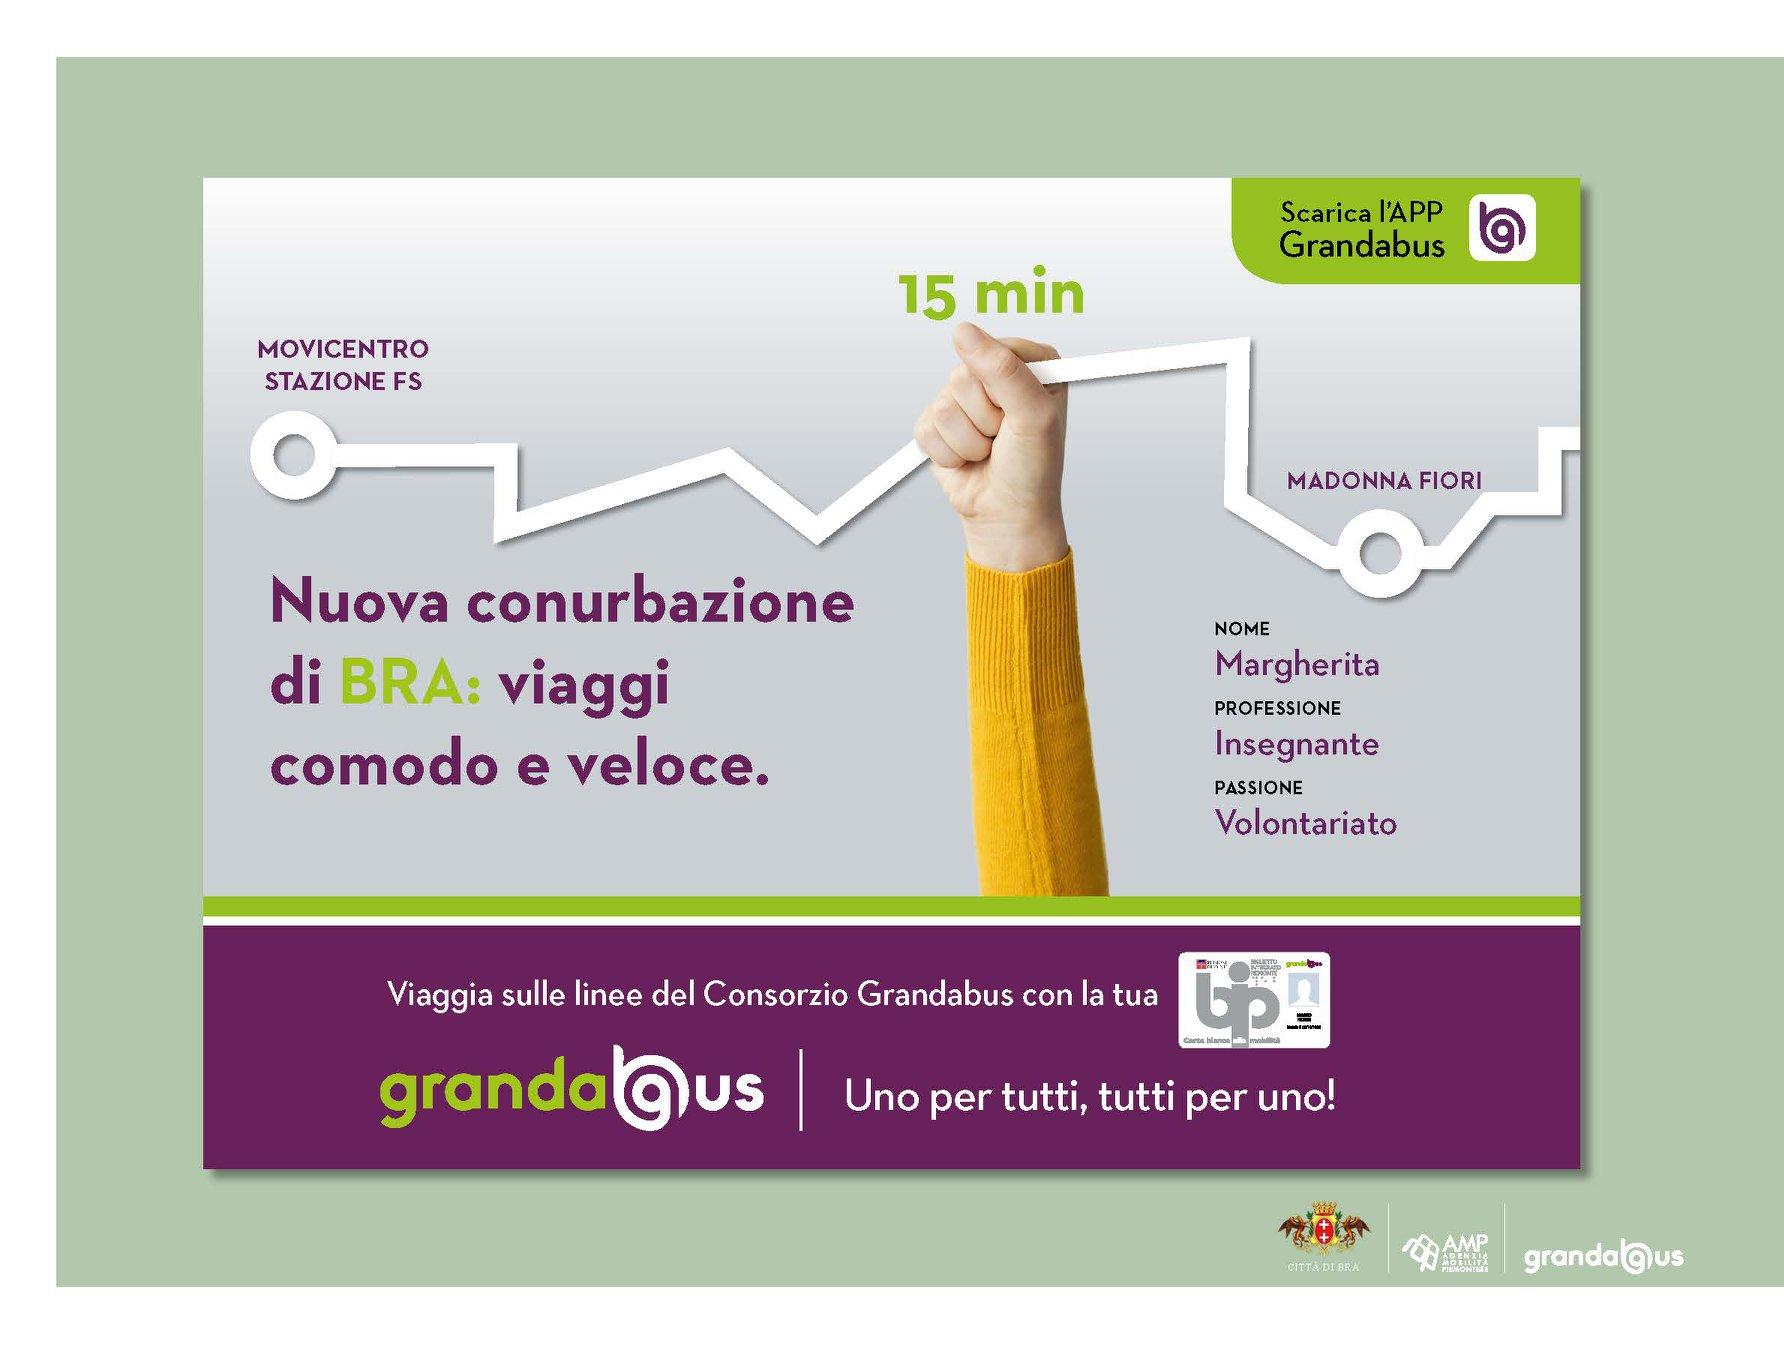 nuova conurbazione di bra biffo gruppo trasporti bus linea urbana interurbana.jpg